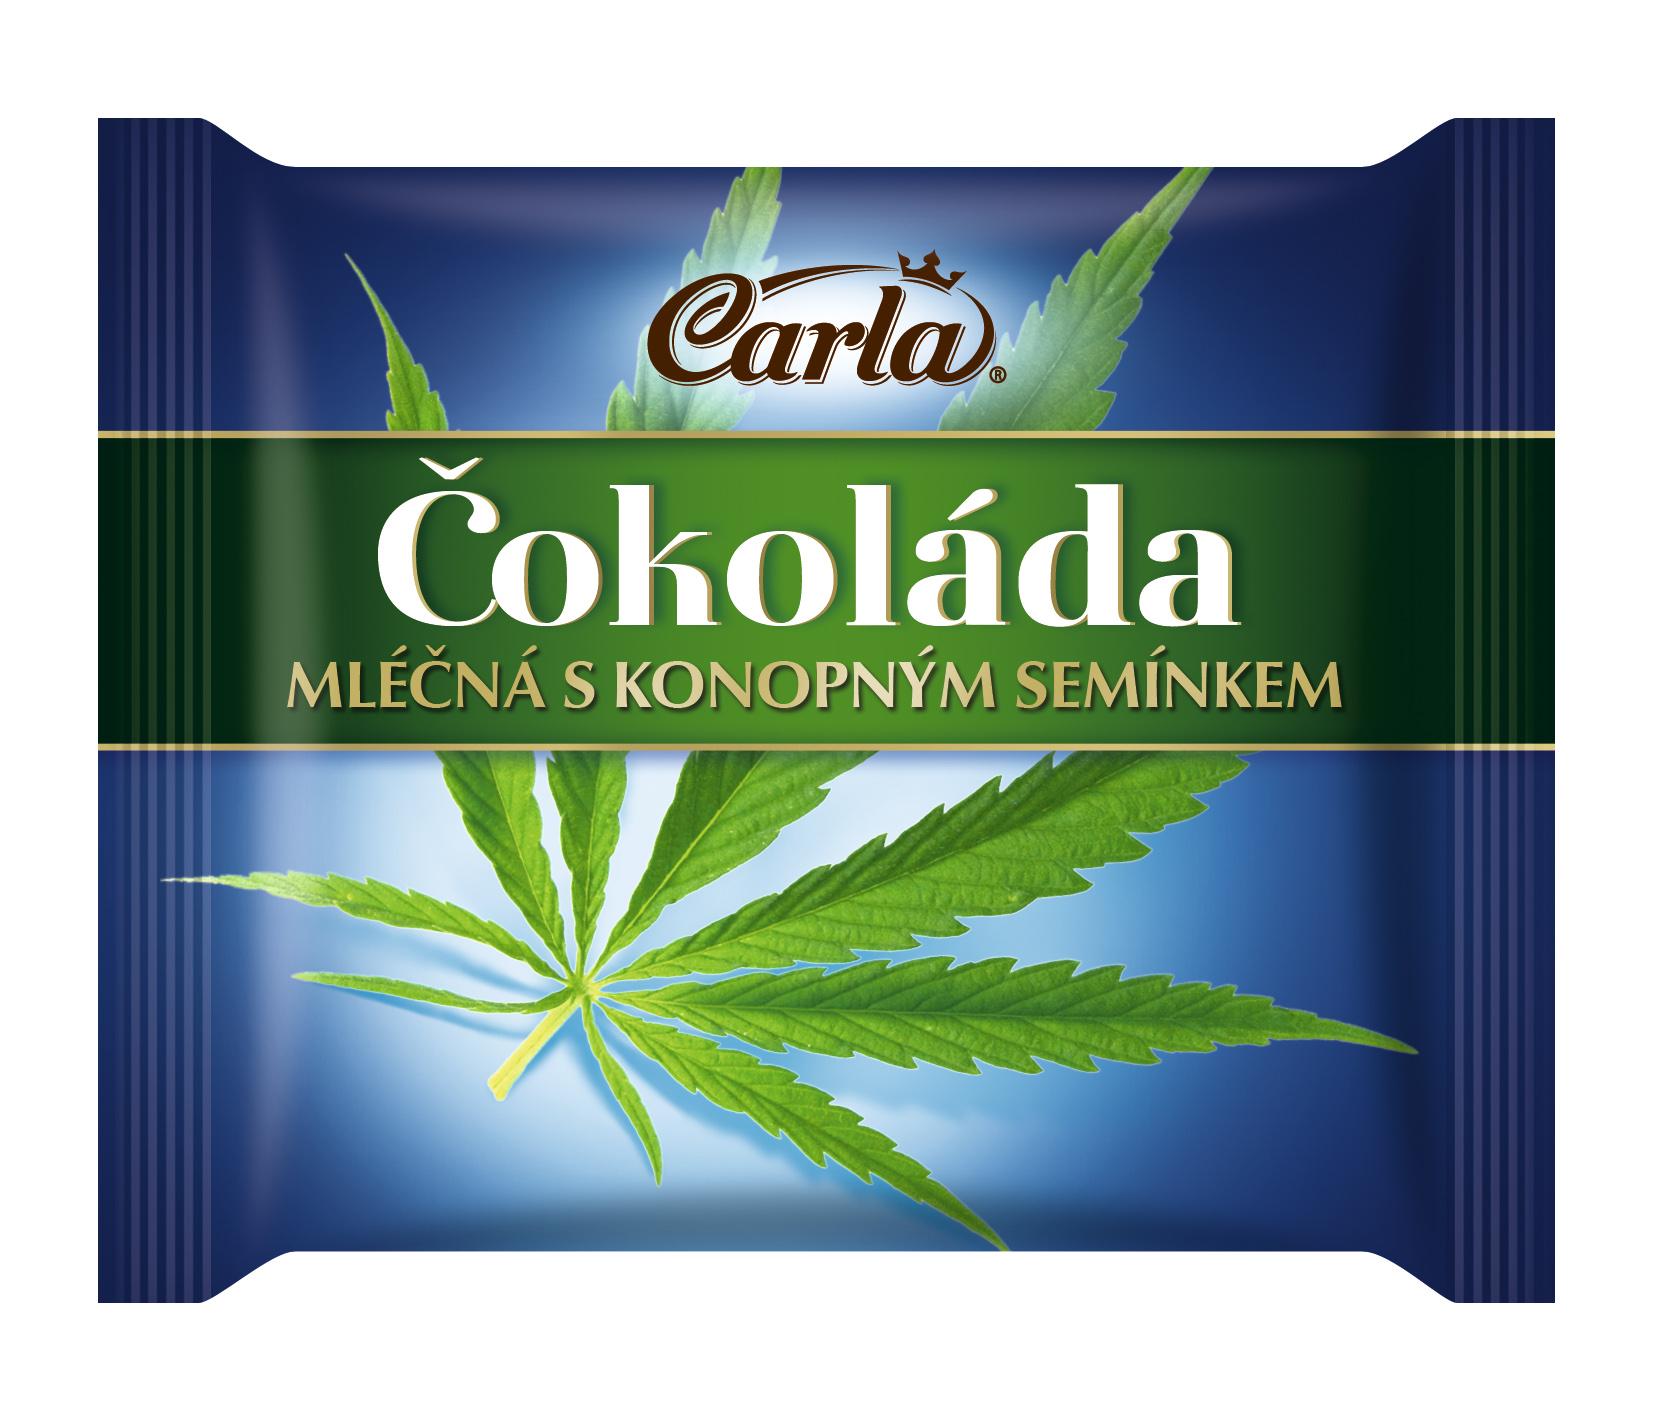 Značka Čokoláda mléčná s konopným semínkem